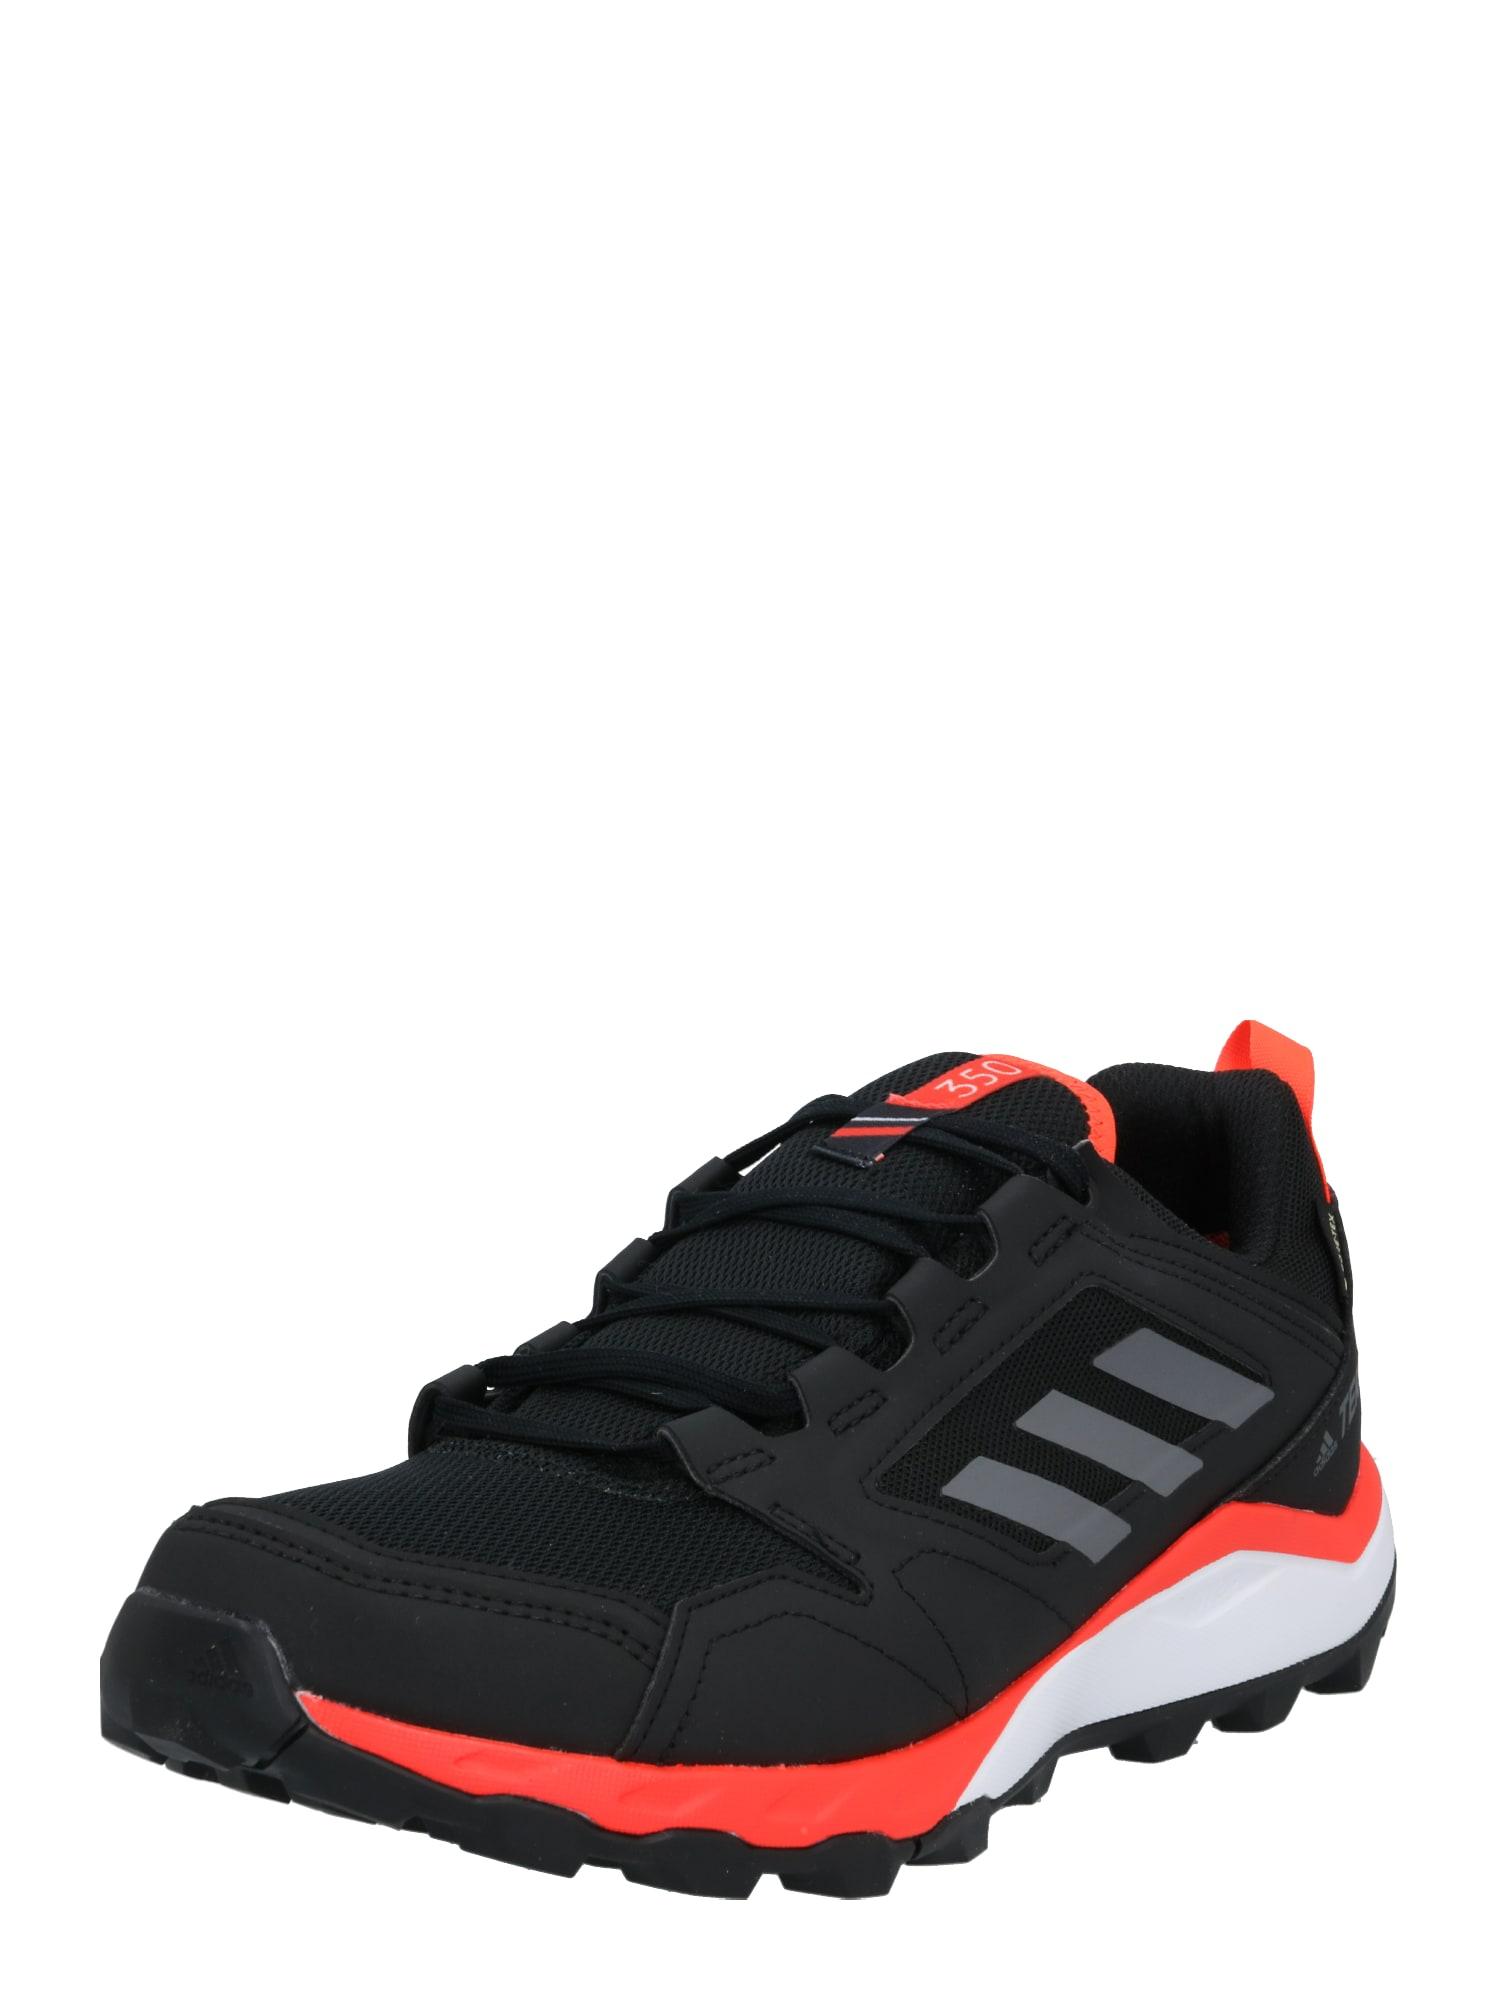 ADIDAS PERFORMANCE Bėgimo batai neoninė oranžinė / antracito / juoda